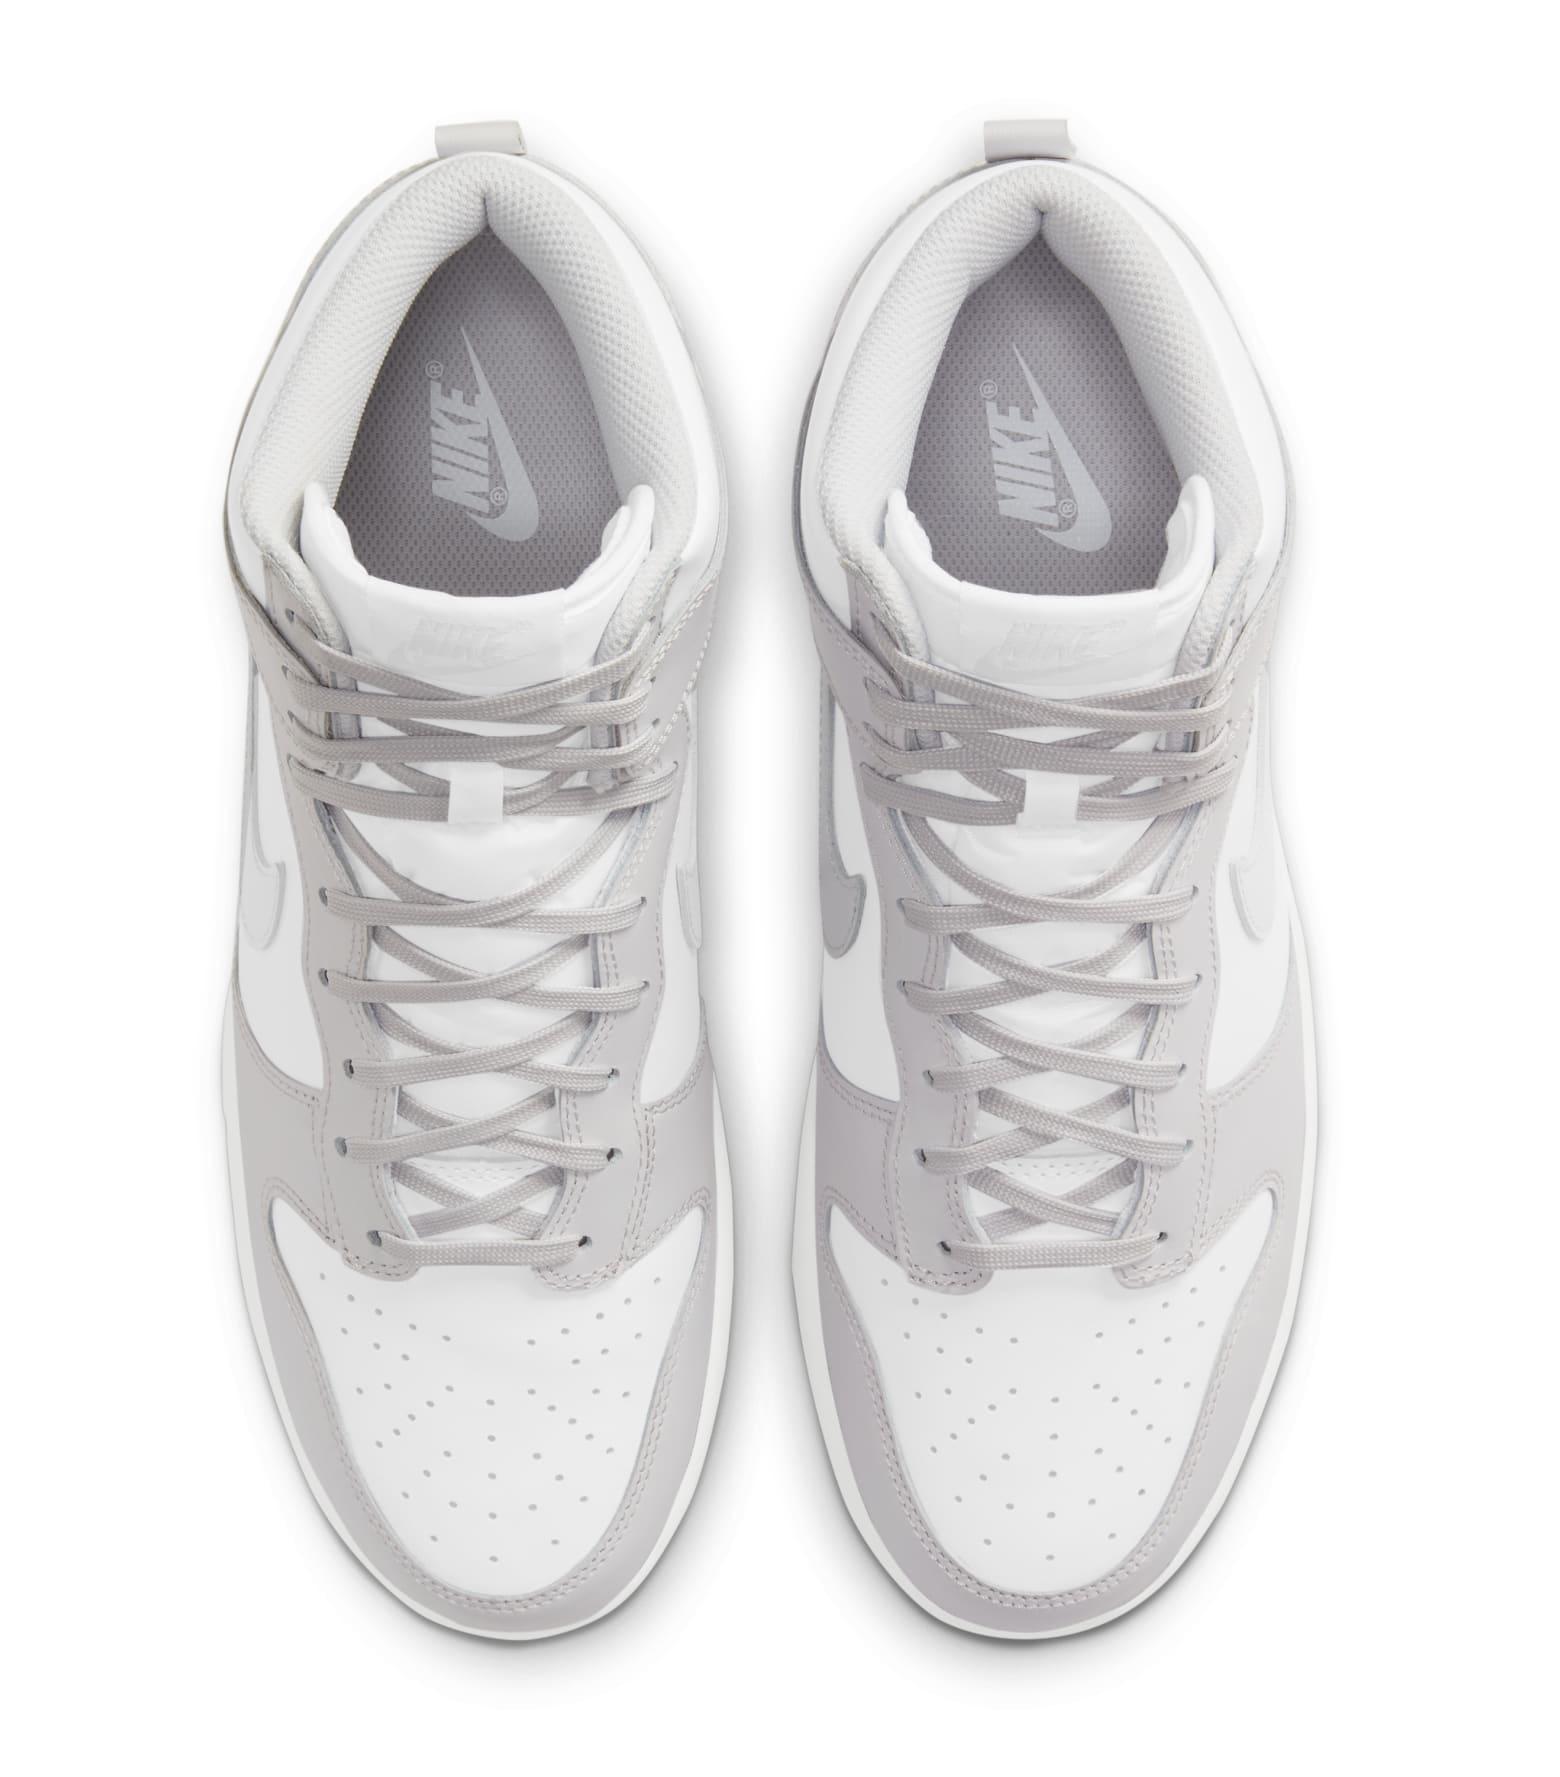 Nike Dunk High 'Vast Grey' DD1399-100 Top